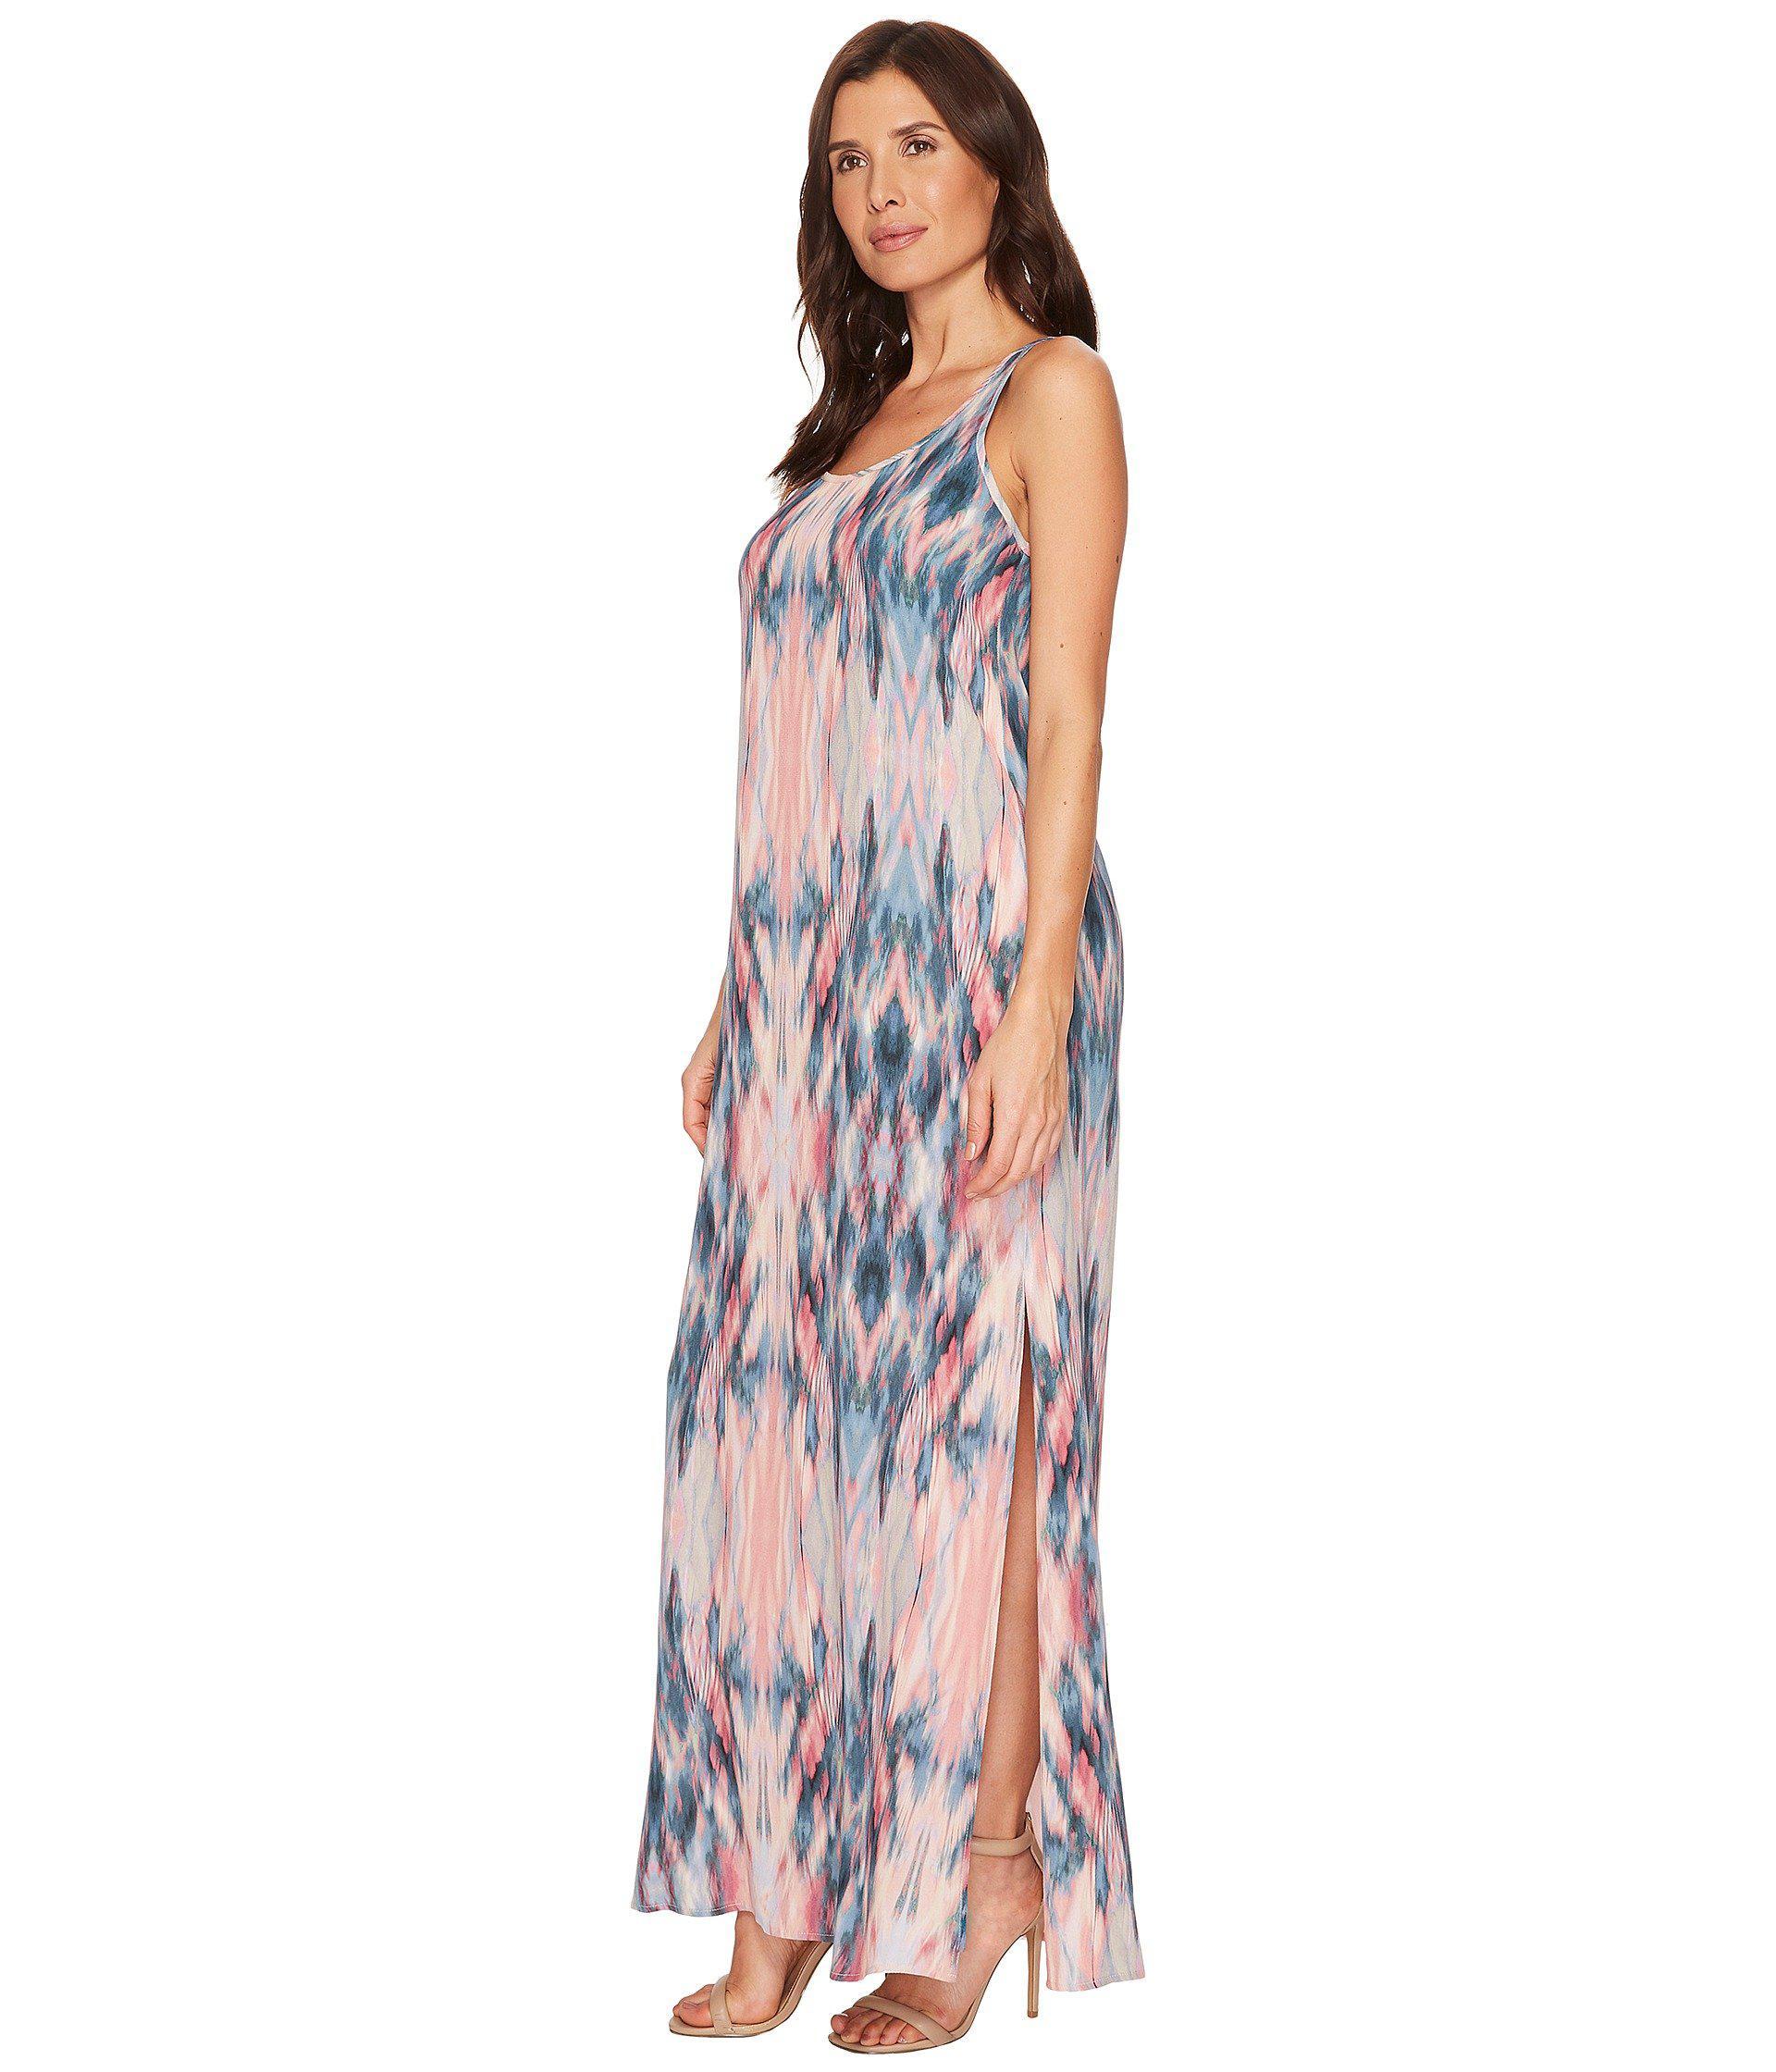 d7eed09686a Lyst - Karen Kane Side Slit Maxi Dress - Save 32%